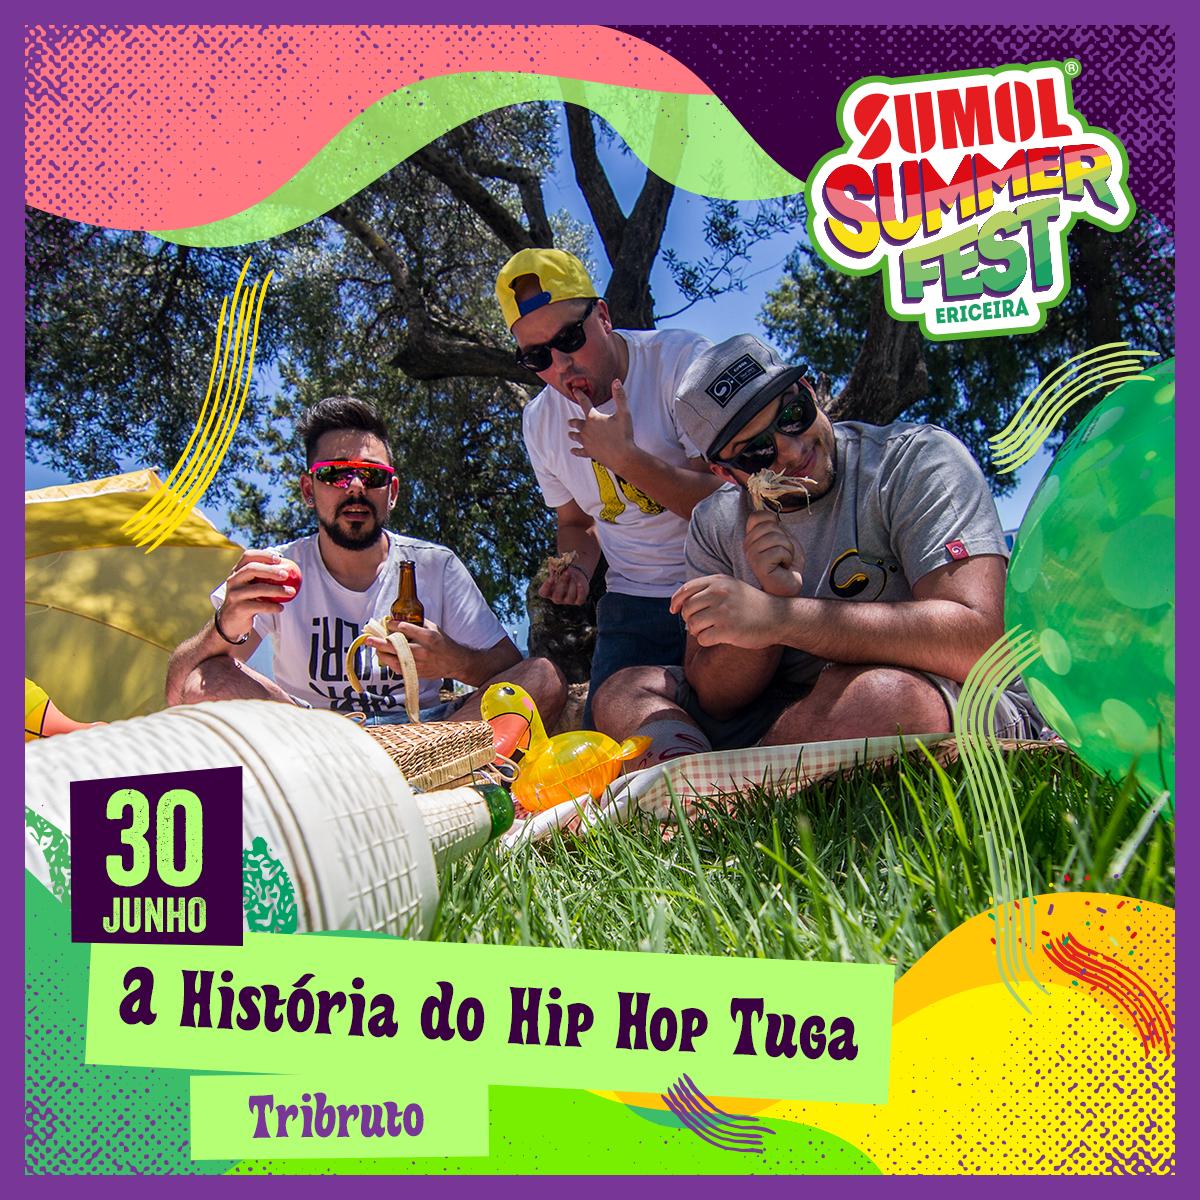 TRIBRUTO @ A História do Hip Hop Tuga no Sumol Summer Fest